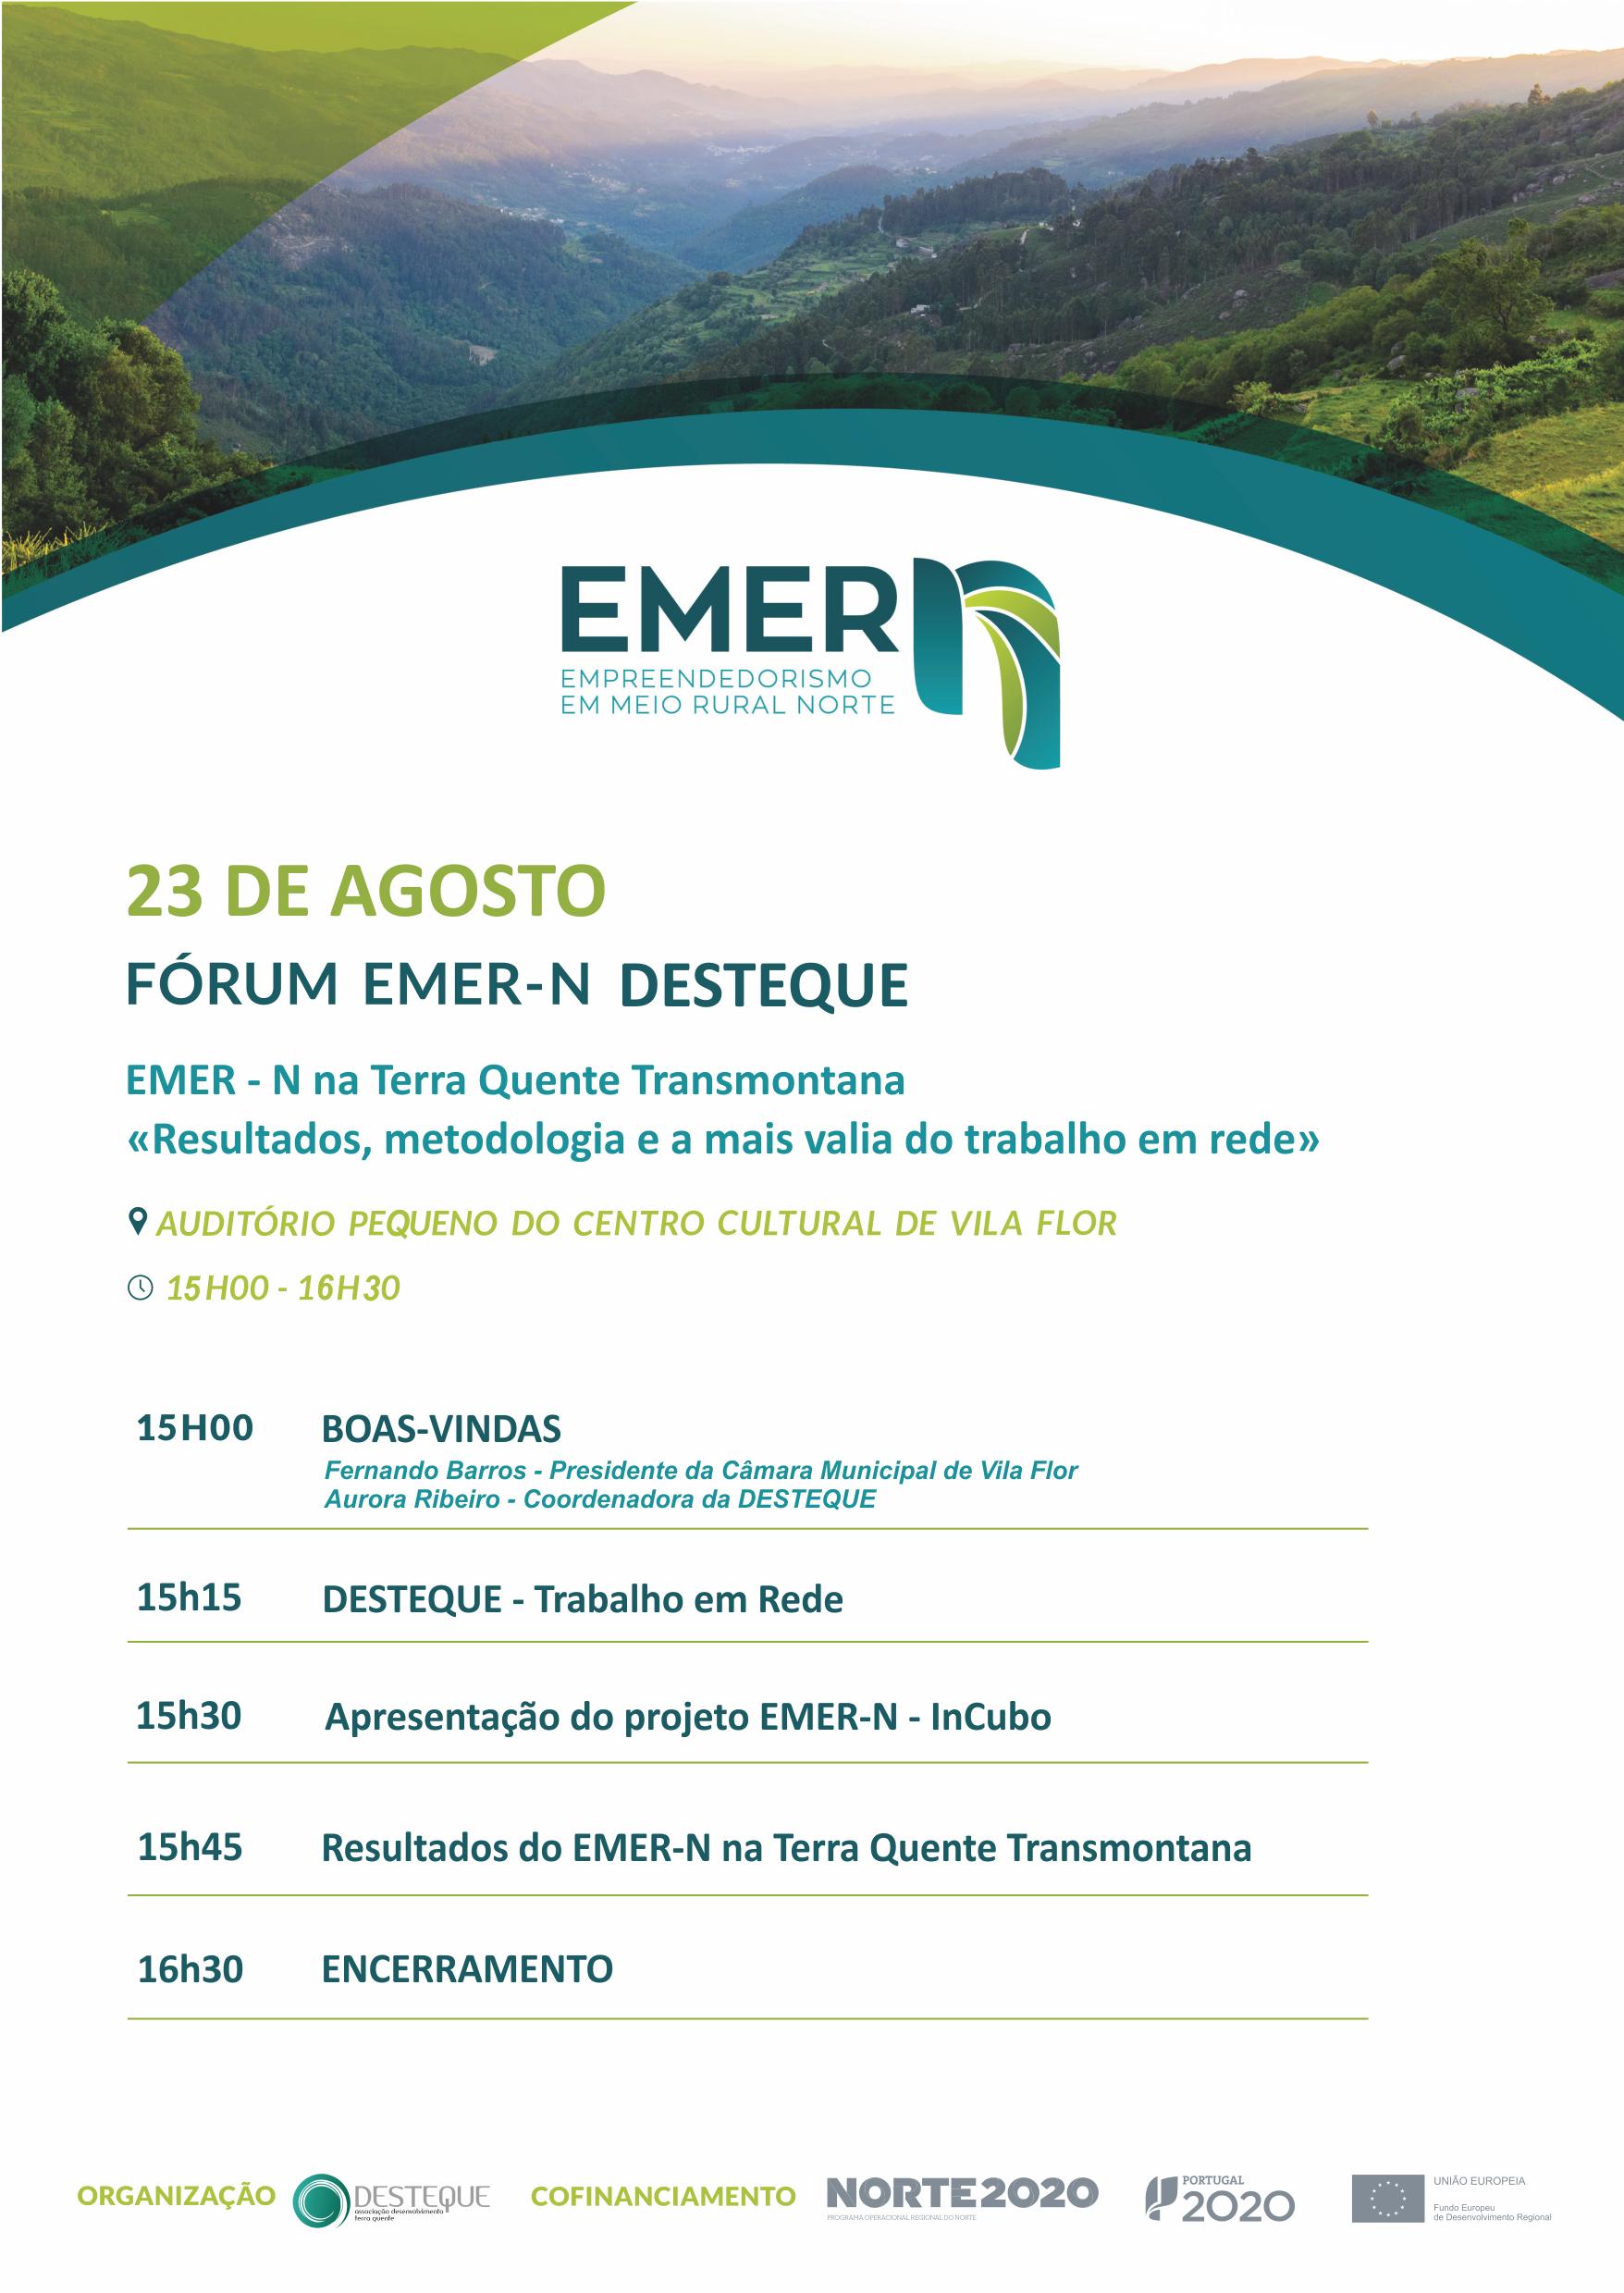 """Fórum EMER-N na Terra Quente Transmontana """"Resultados, metodologias e a mais valia do trabalho em rede"""""""